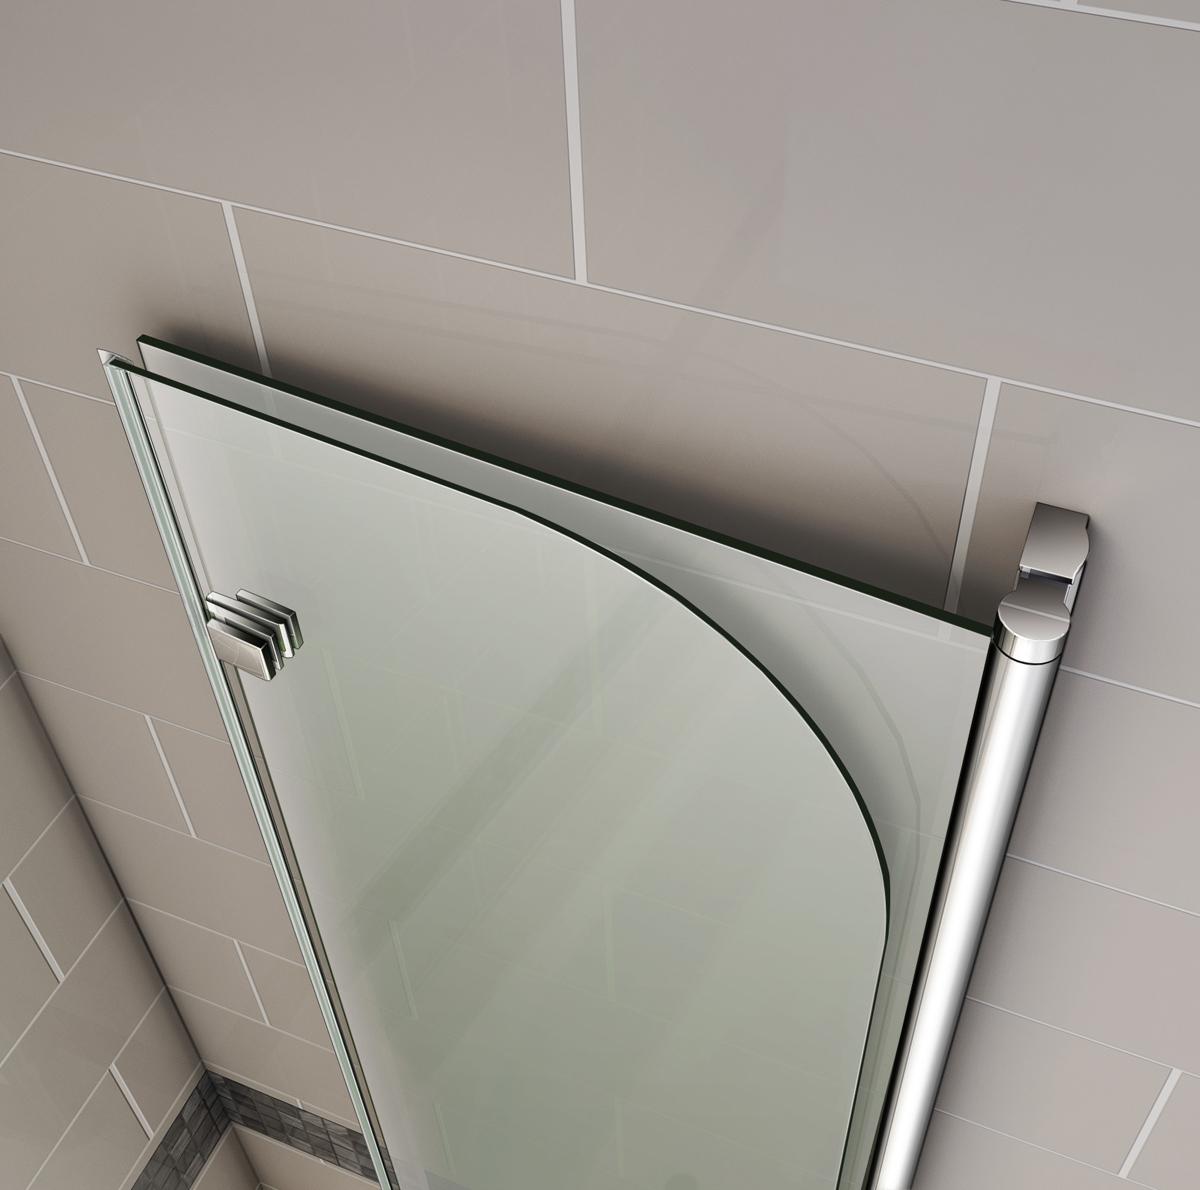 1000x1400mm 180 176 Hinge 2 Fold Bath Shower Screen Door